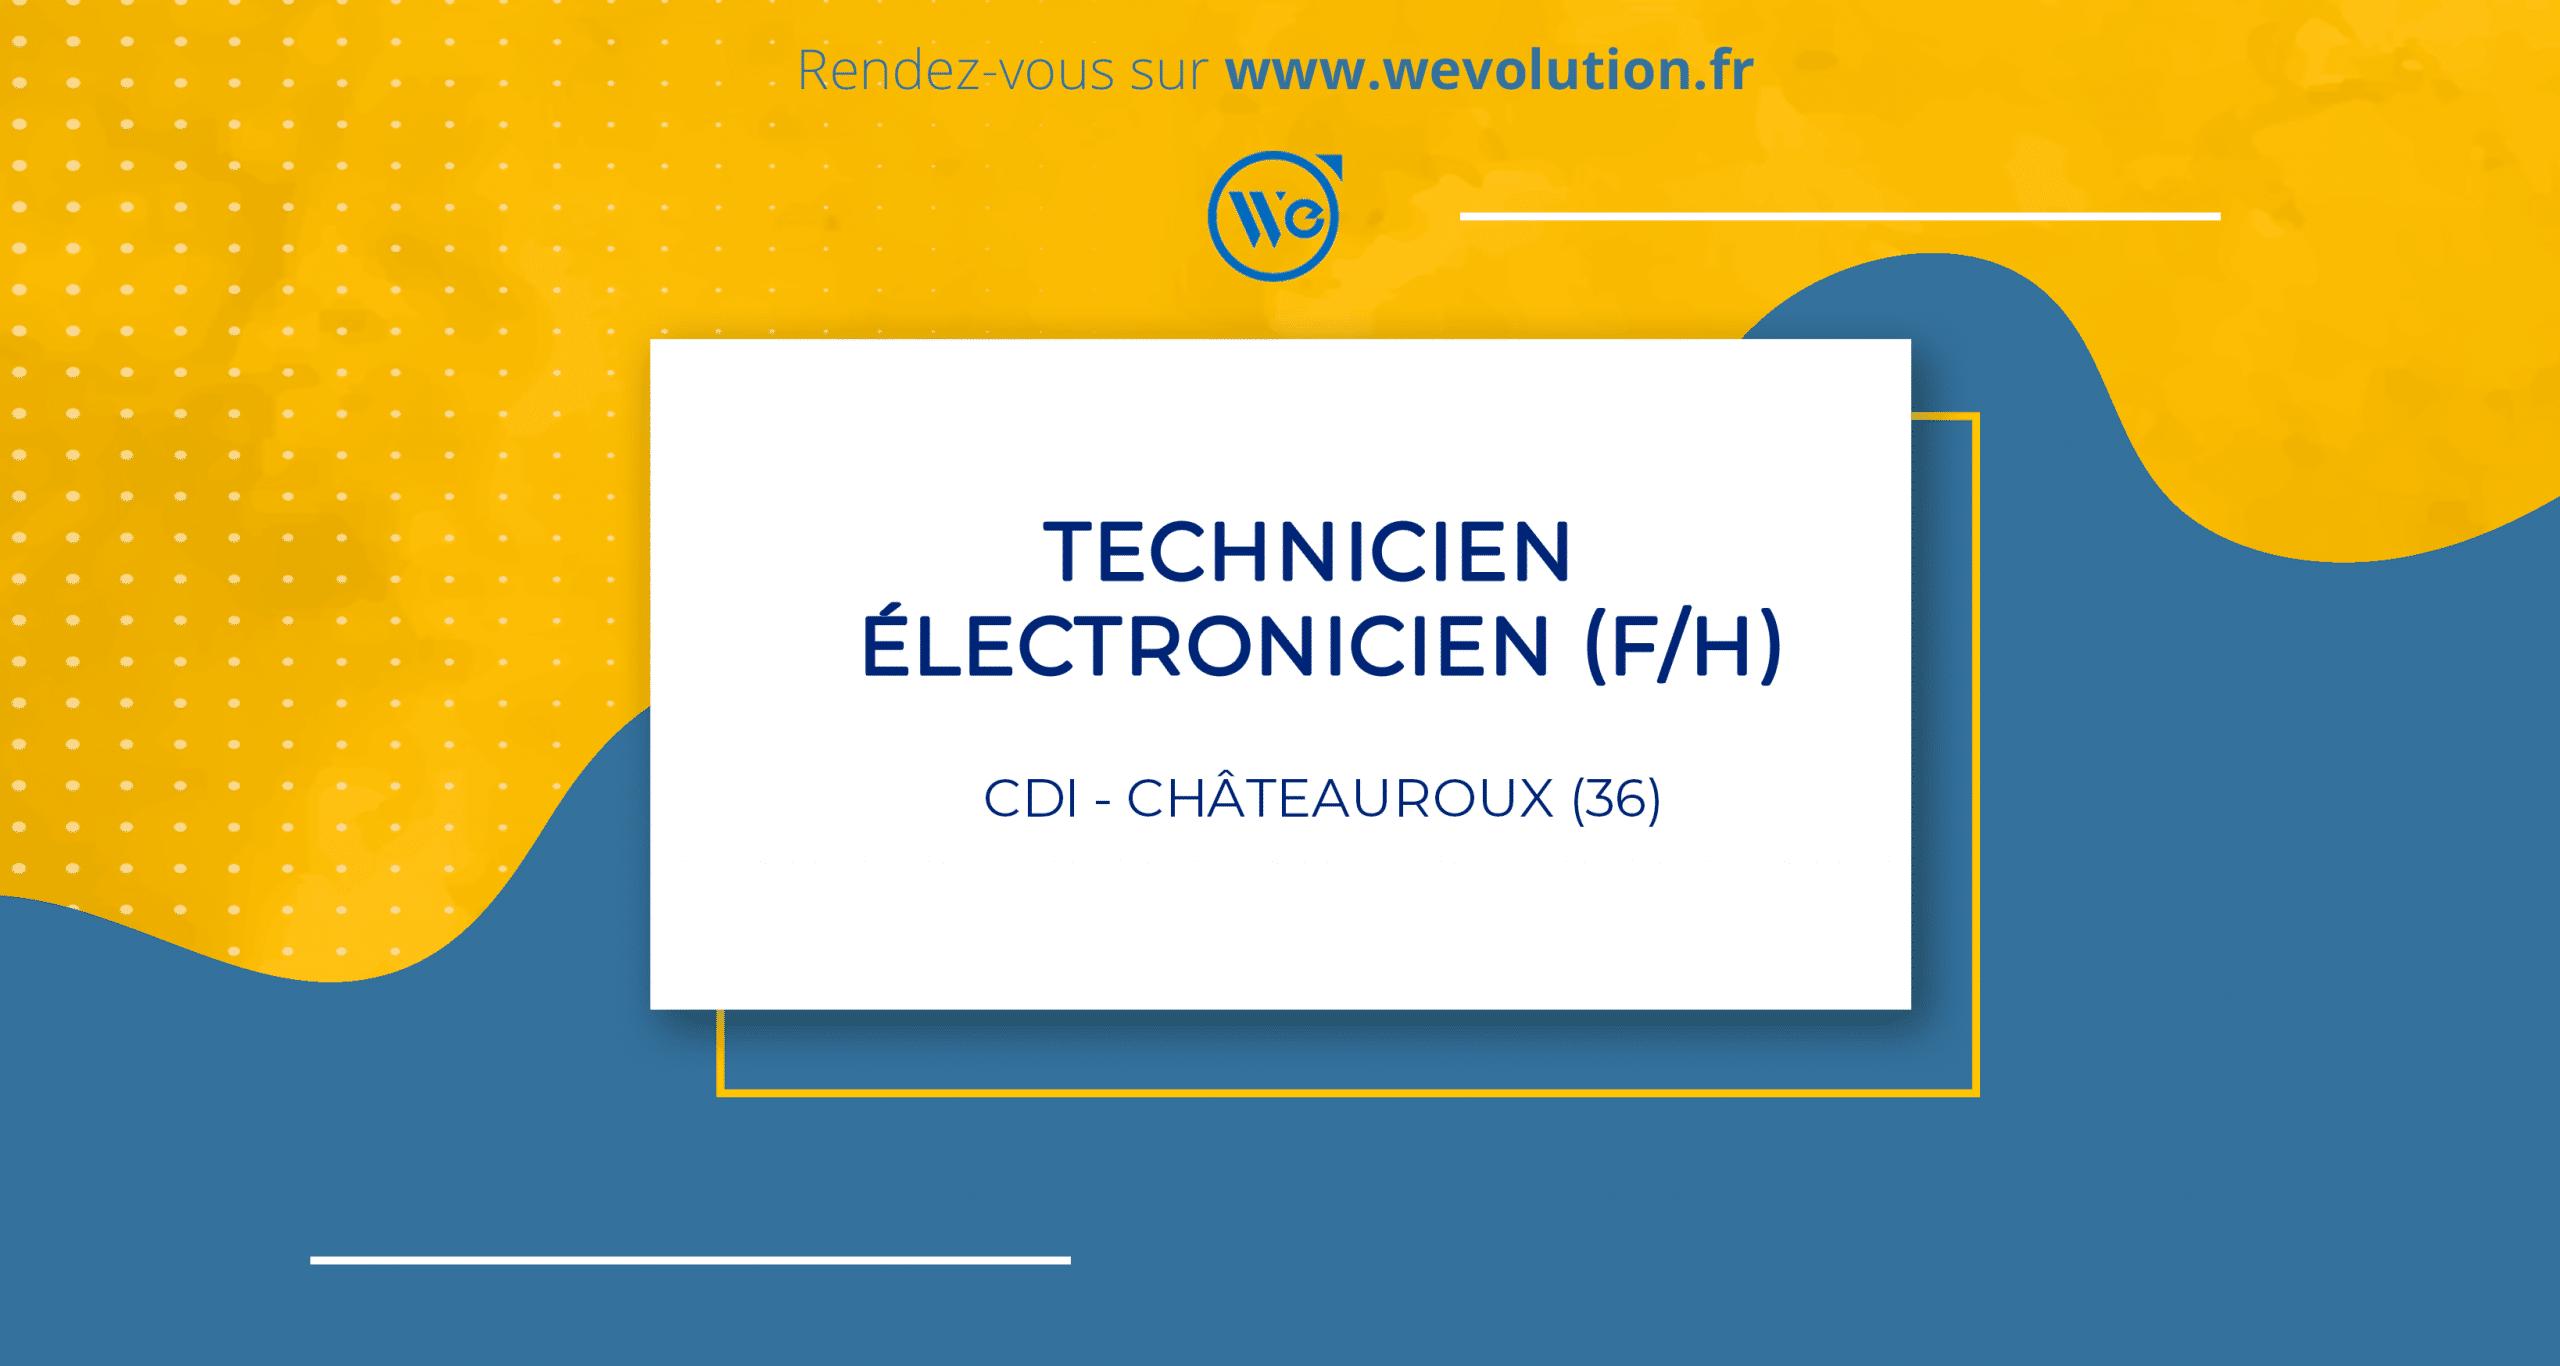 TECHNICIEN ELECTRONICIEN (F/H) – GROUPE MI